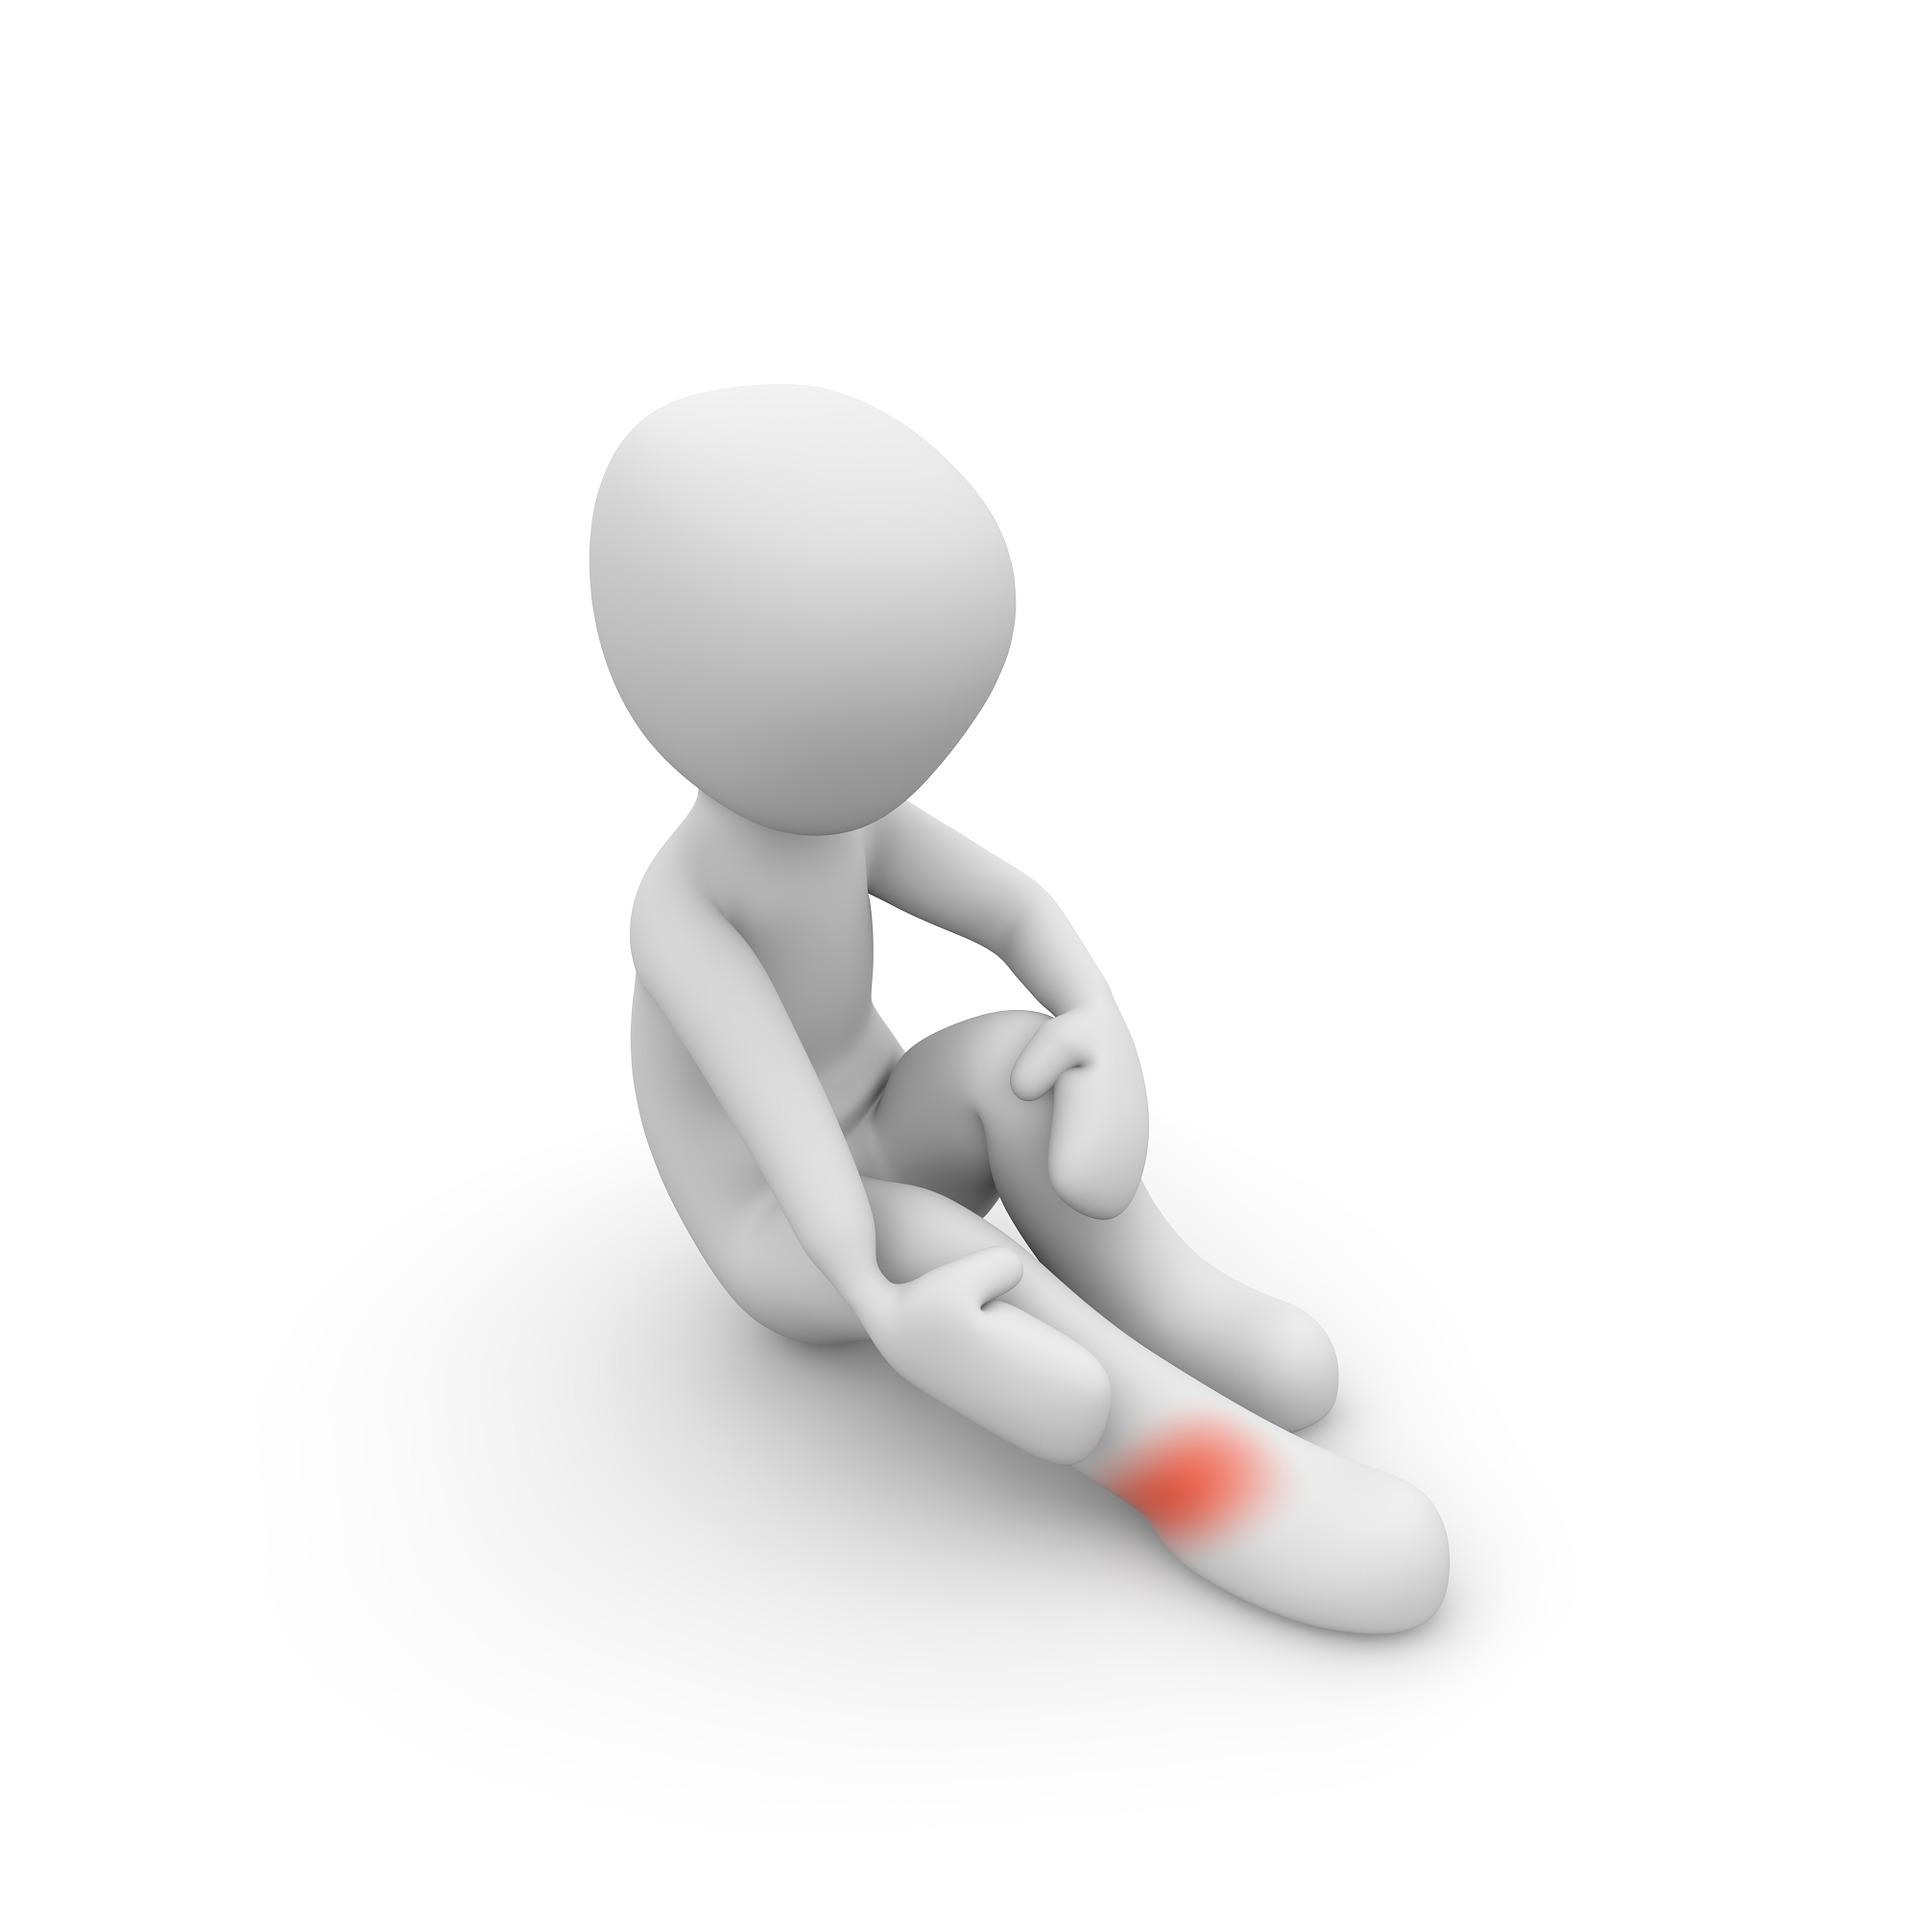 Patient leg pain